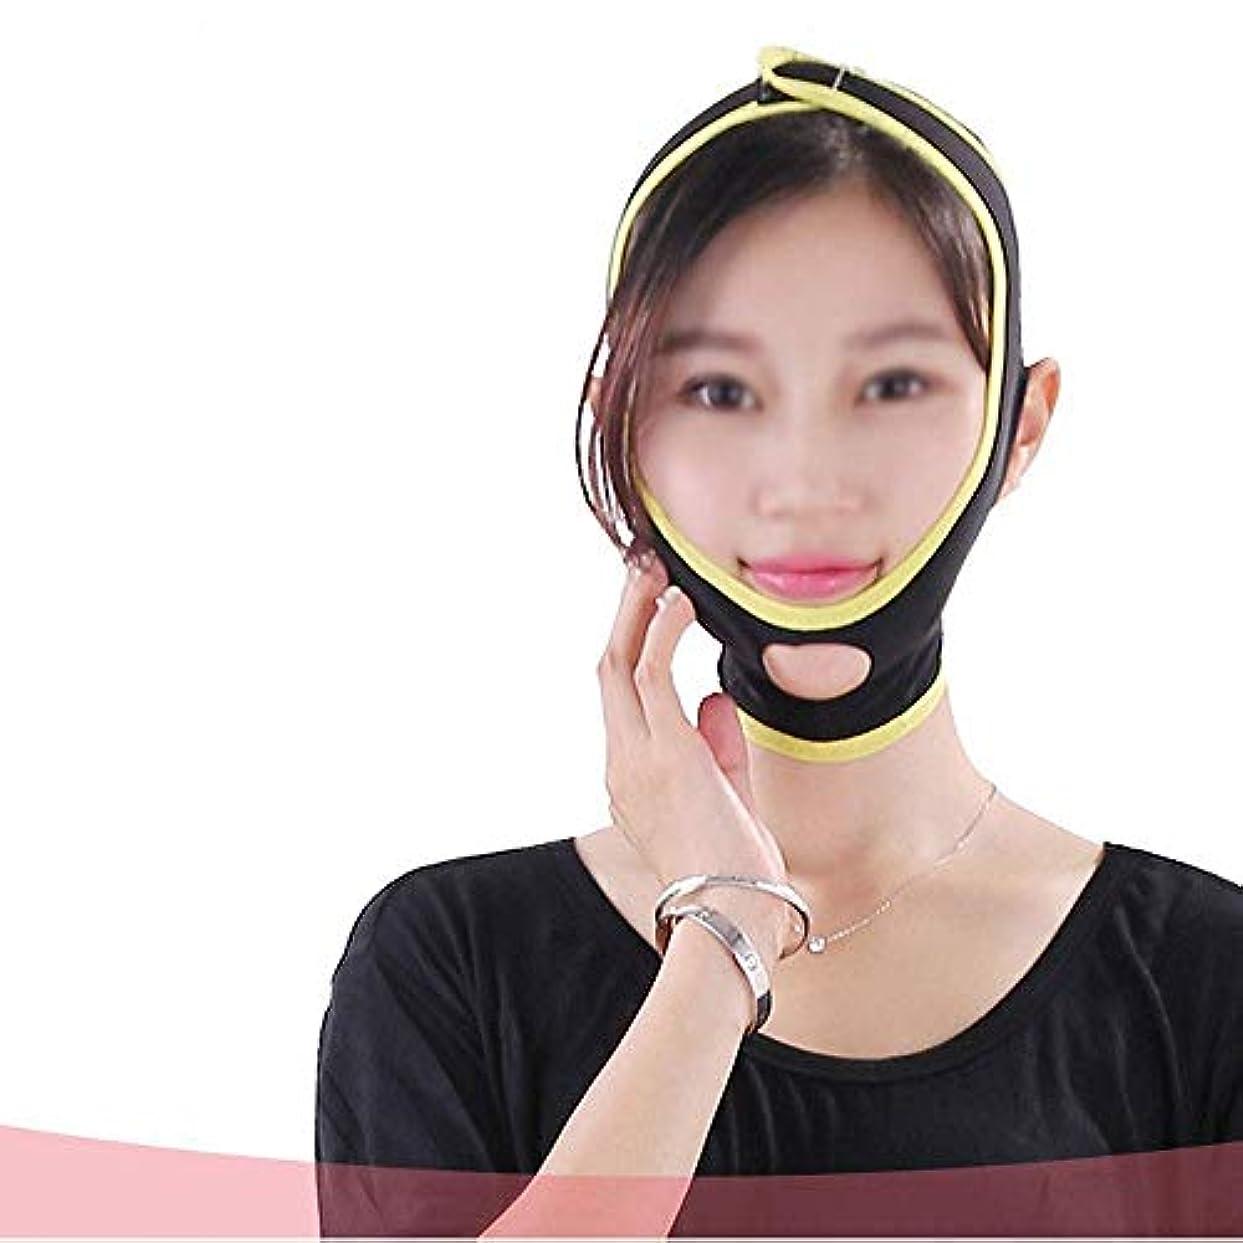 交響曲気楽な横たわる睡眠用フェイスマスク、薄い顔の包帯、小さな顔Vの顔、薄い顔、フェイスリフト付き(サイズ:M)